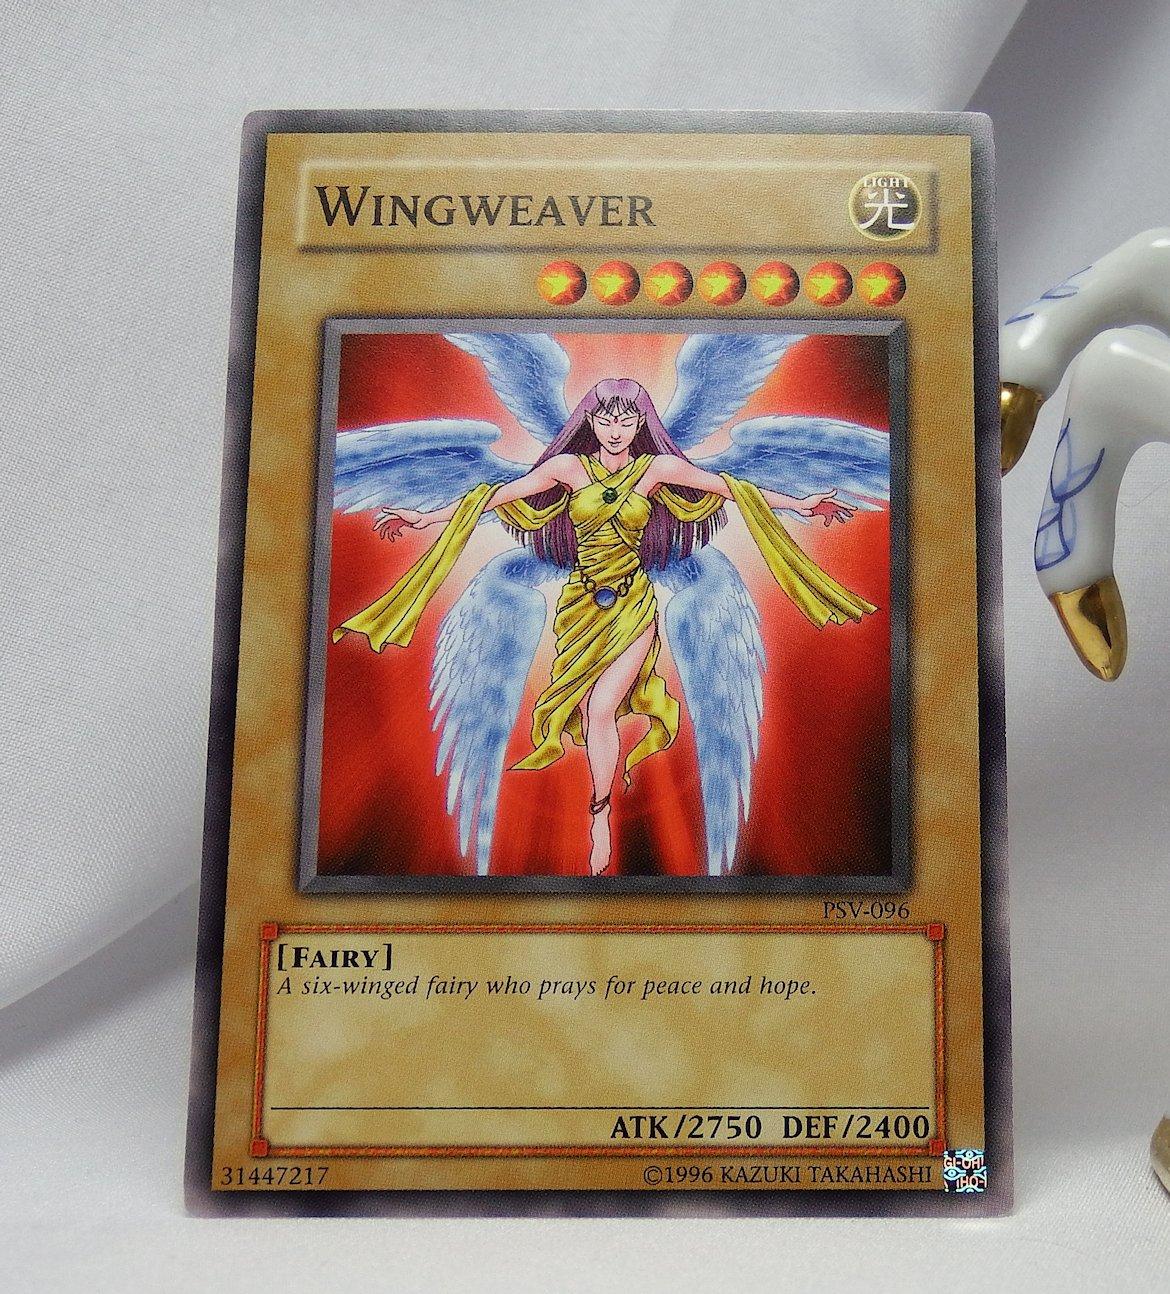 YuGiOh Pharaoh's Servant PSV-096 Wingweaver